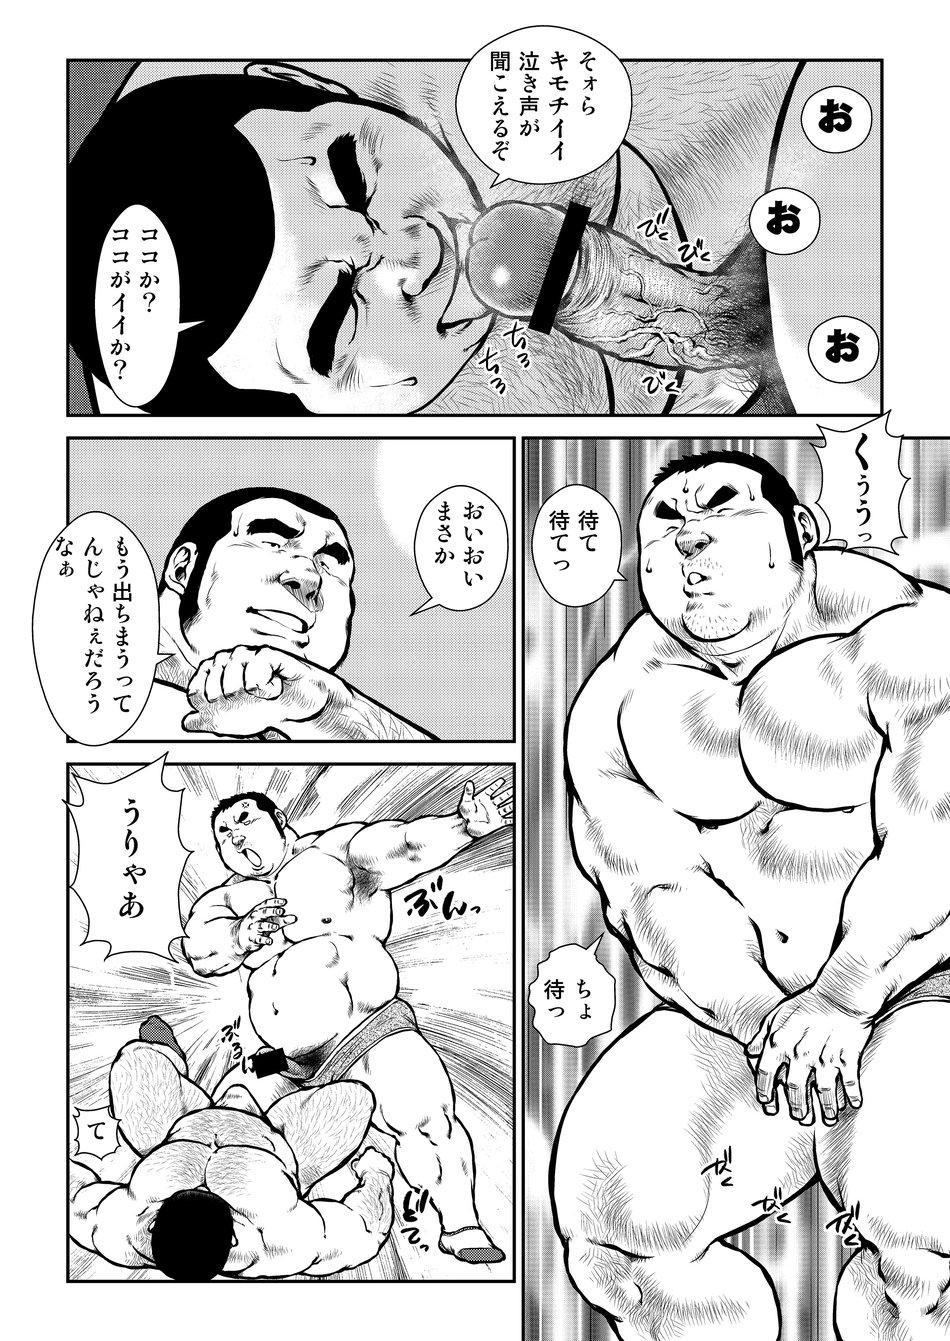 Hara Iso Hatsujou Seinendan Dai 4-wa 5